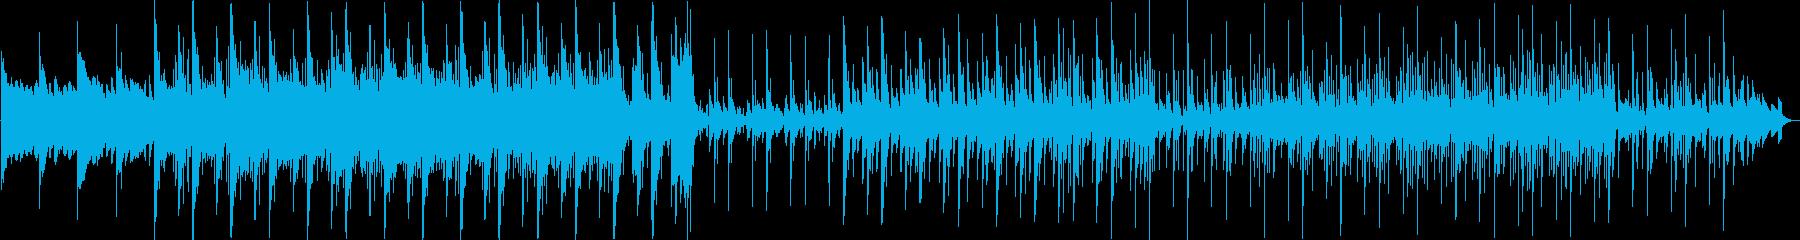 OP、始まりをイメージした電子音楽の再生済みの波形